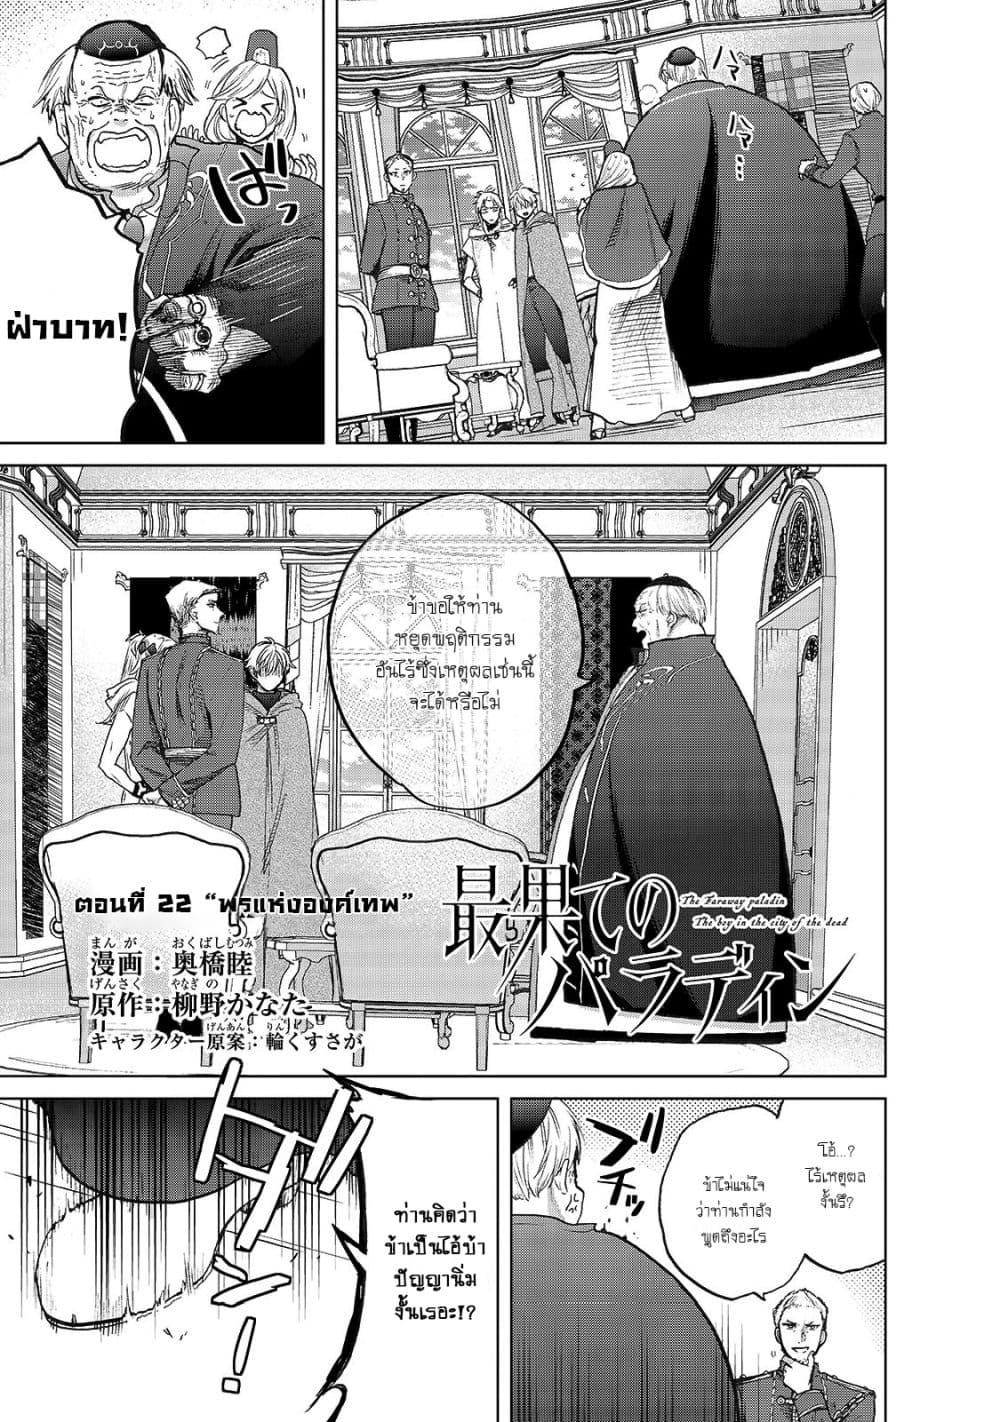 อ่านการ์ตูน Saihate no Paladin ตอนที่ 22 หน้าที่ 1